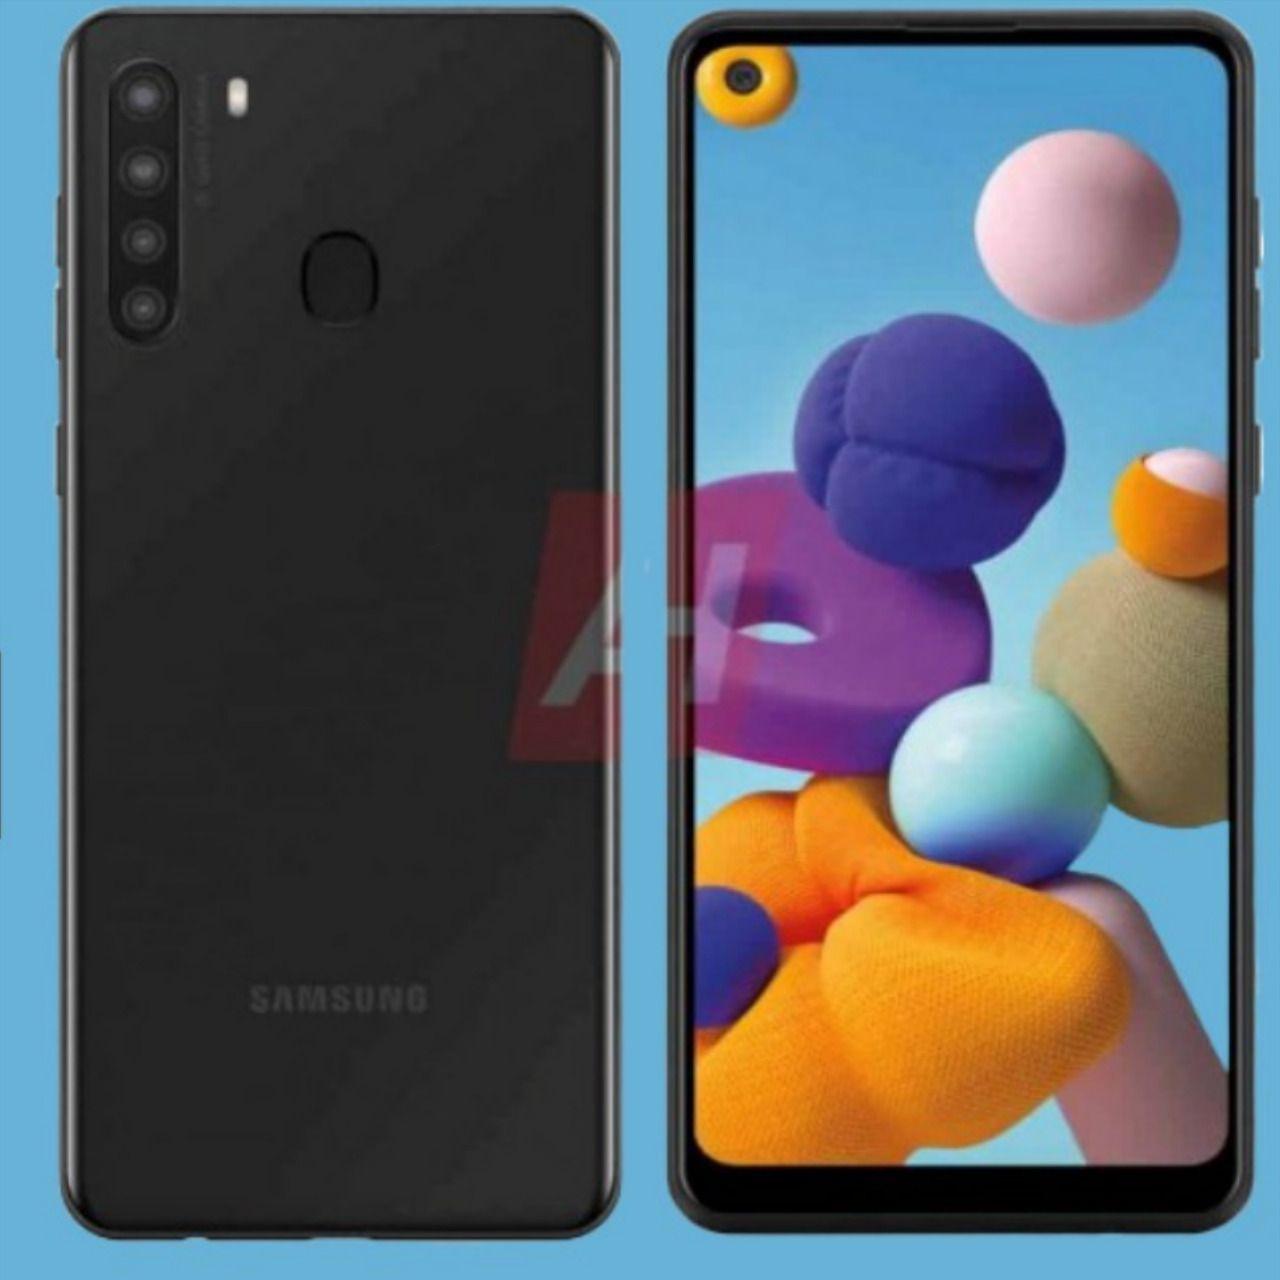 Samsung Galaxy A21 Metropcs Release Date Specs Price In 2020 Galaxy Samsung Galaxy Samsung